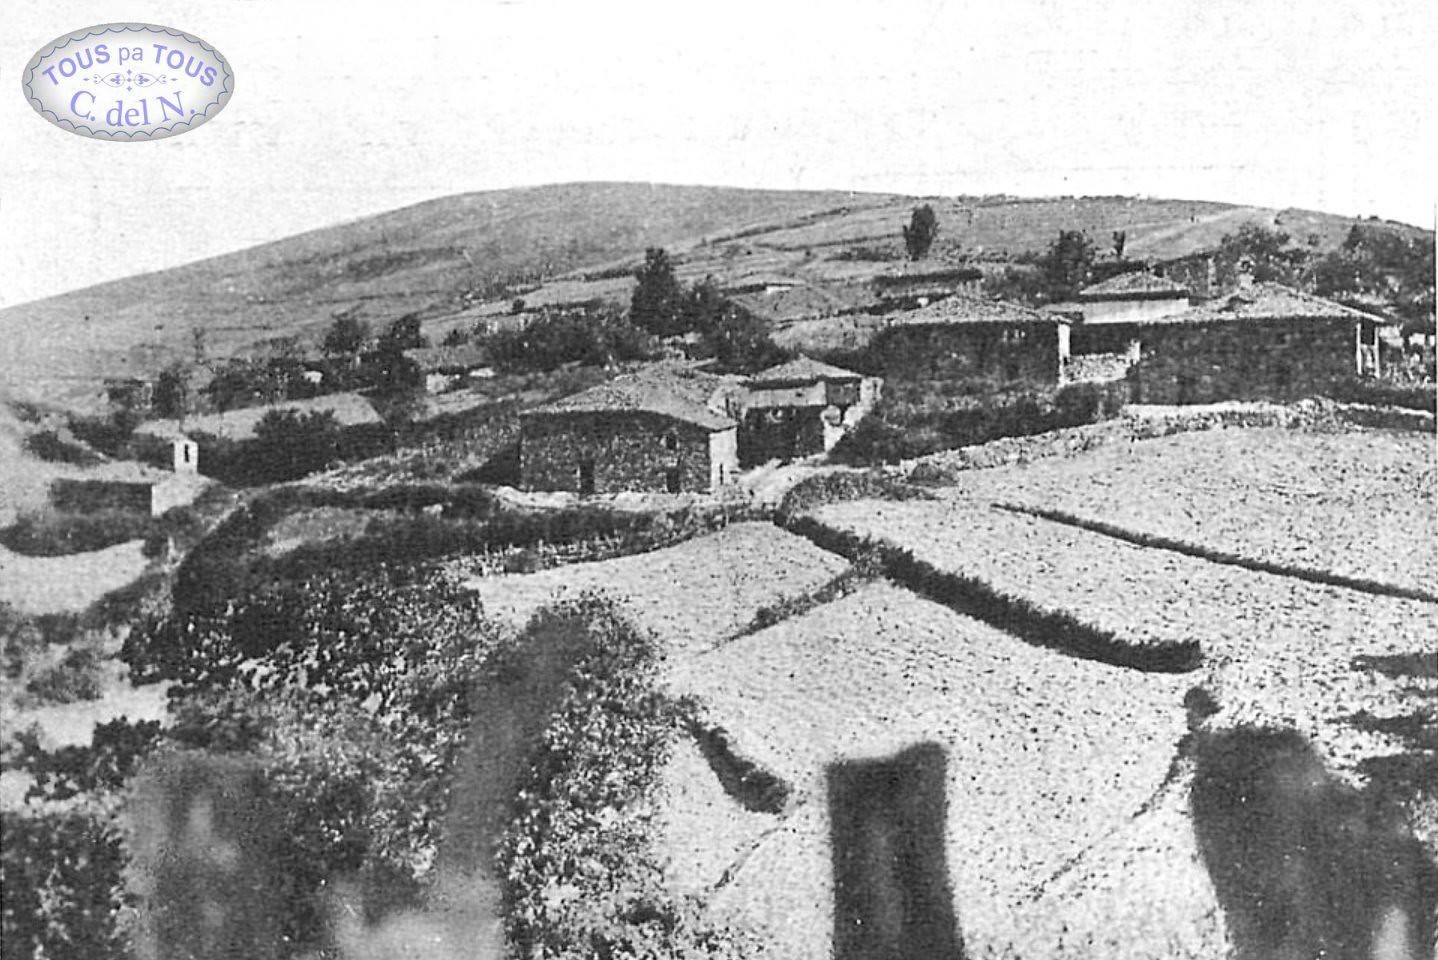 1928 - Porley